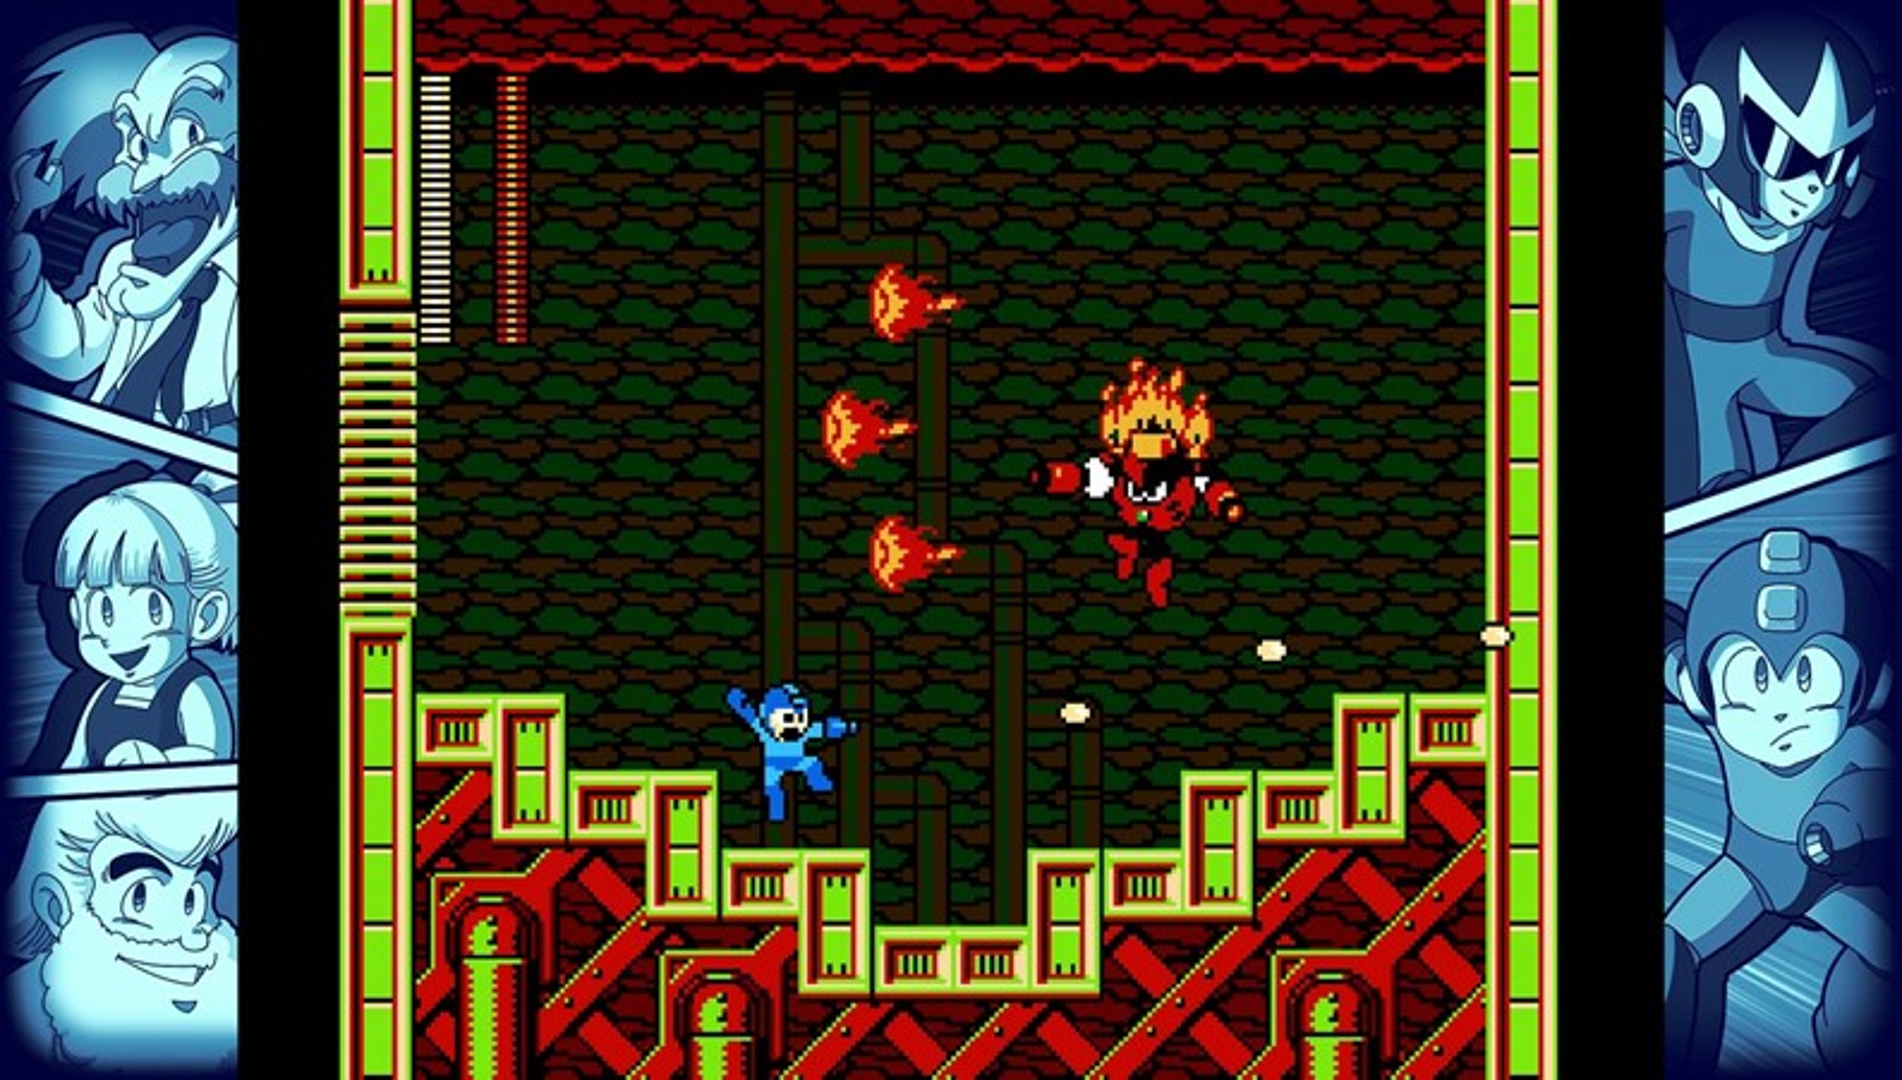 Capcom anuncia nova coletânea de Mega Man para PC, PS4 e XOne para agosto